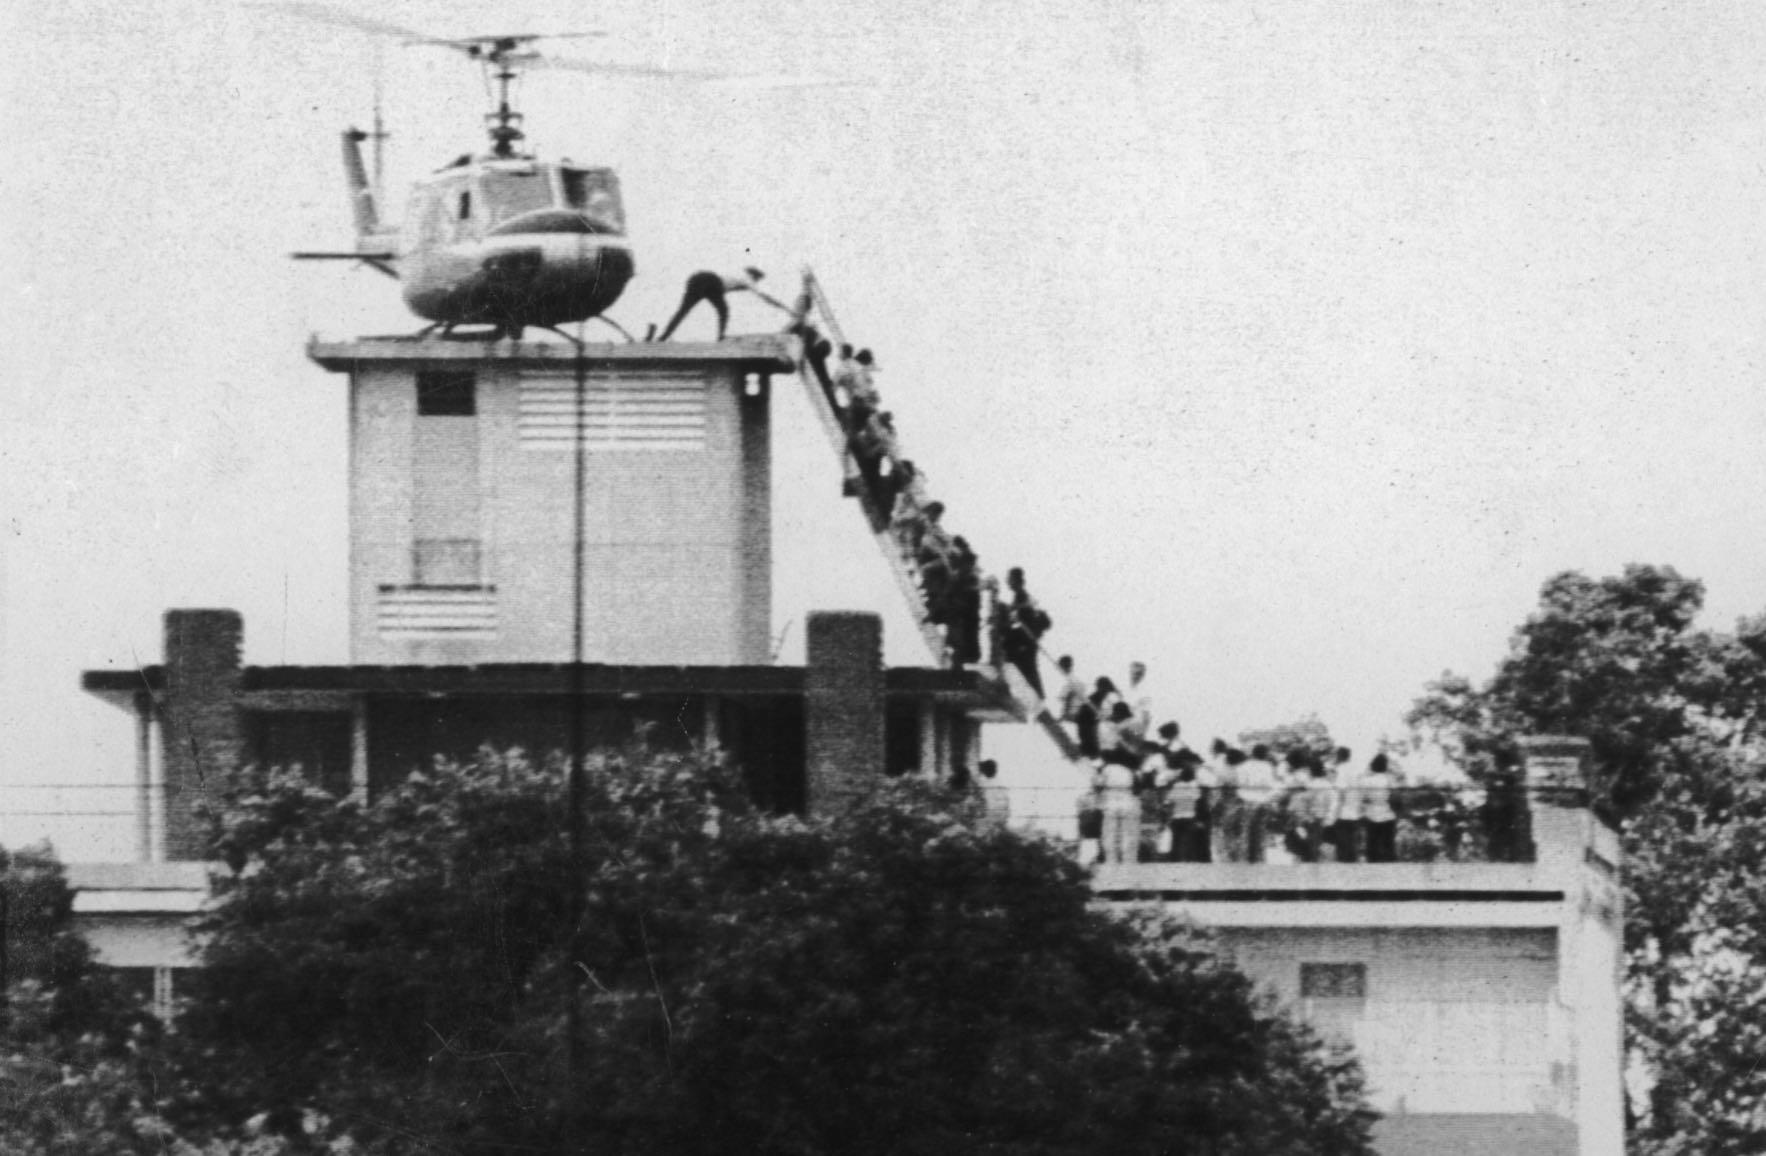 Embajada de los Estados Unidos en Saigón, 1975